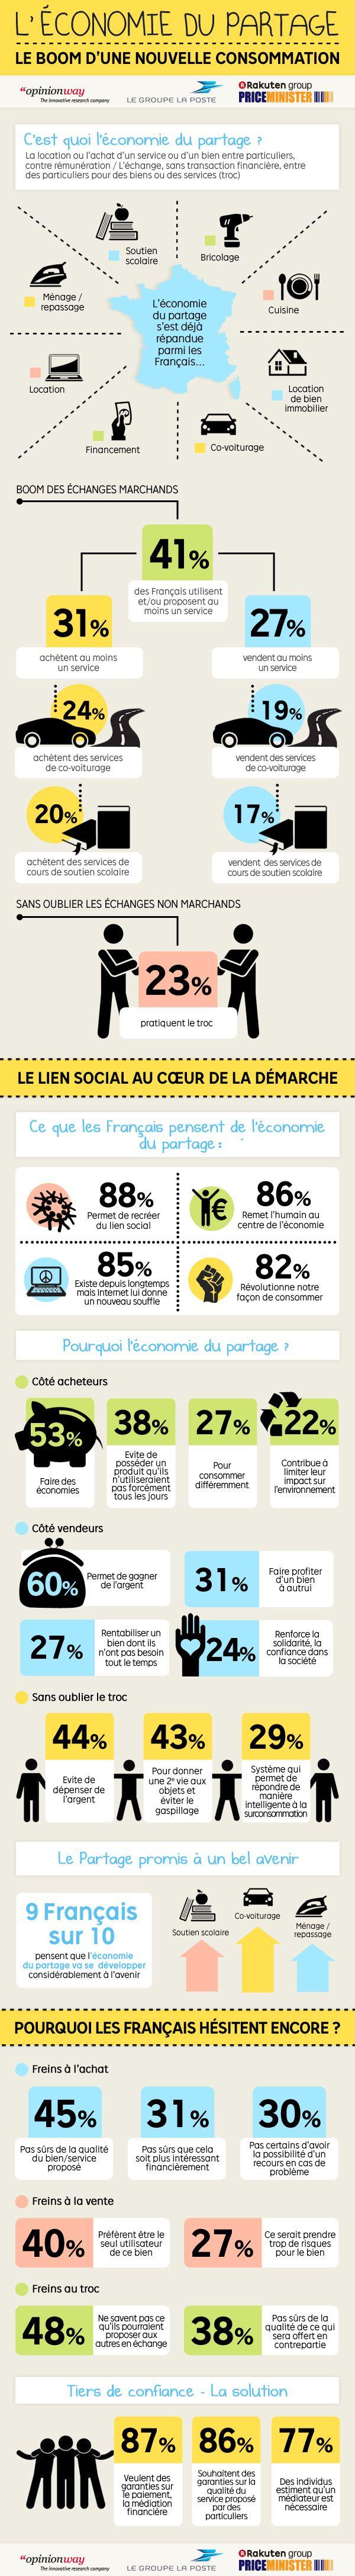 Infographie sur l'étude @PriceMinister - Rakuten / @groupelaposte sur l'économie du partage #collcons #share